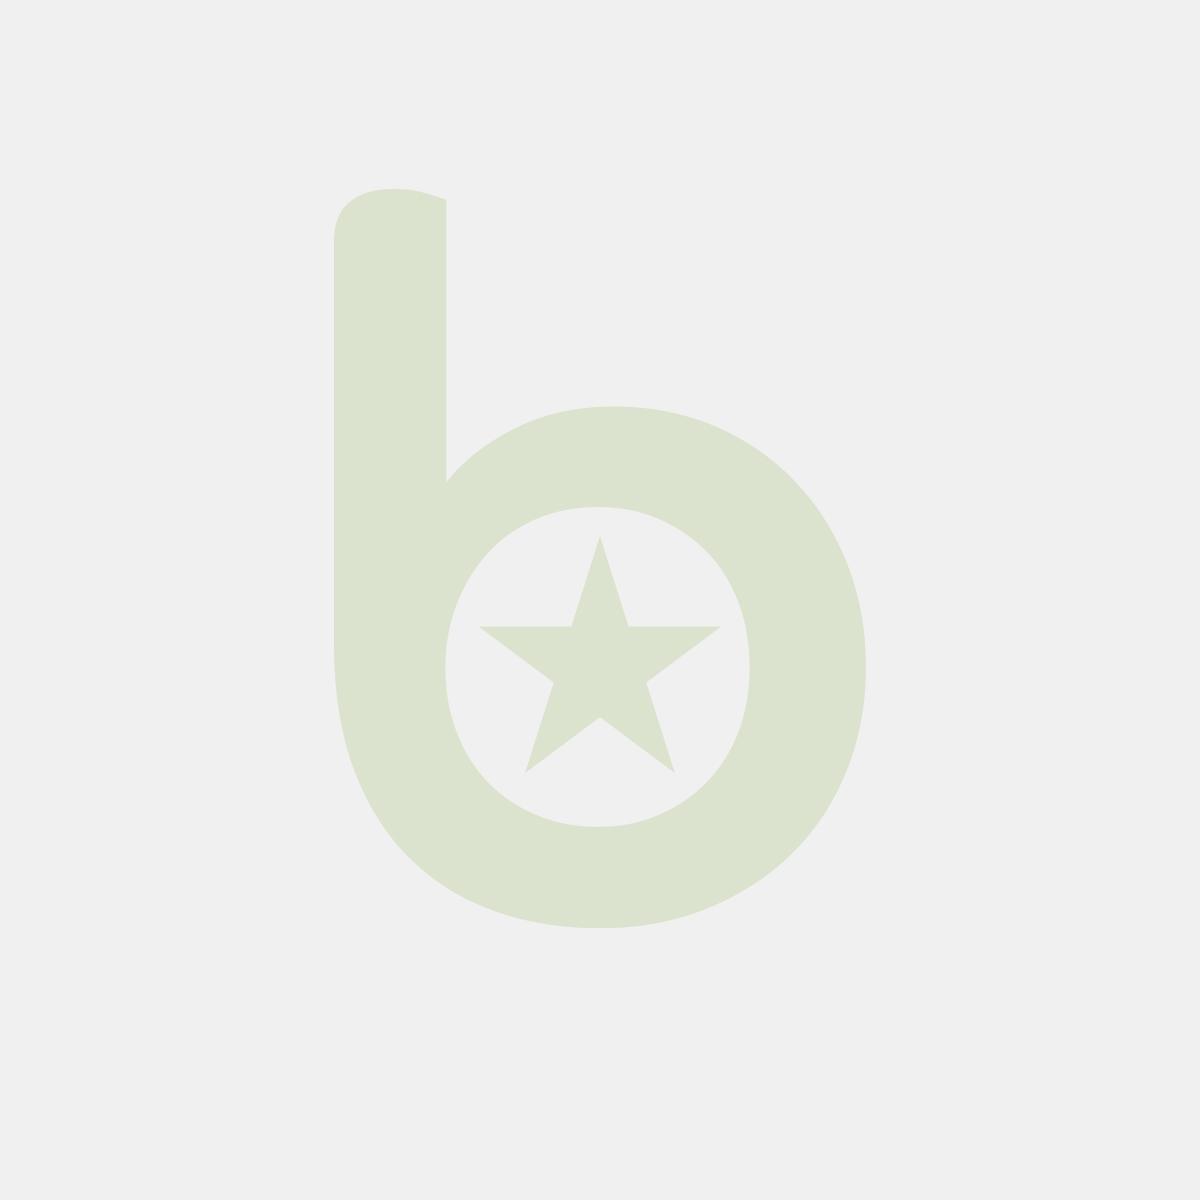 Zakaz jazdy na urządzeniach transportowych B2 - 105 x 105mm GB001B2FN